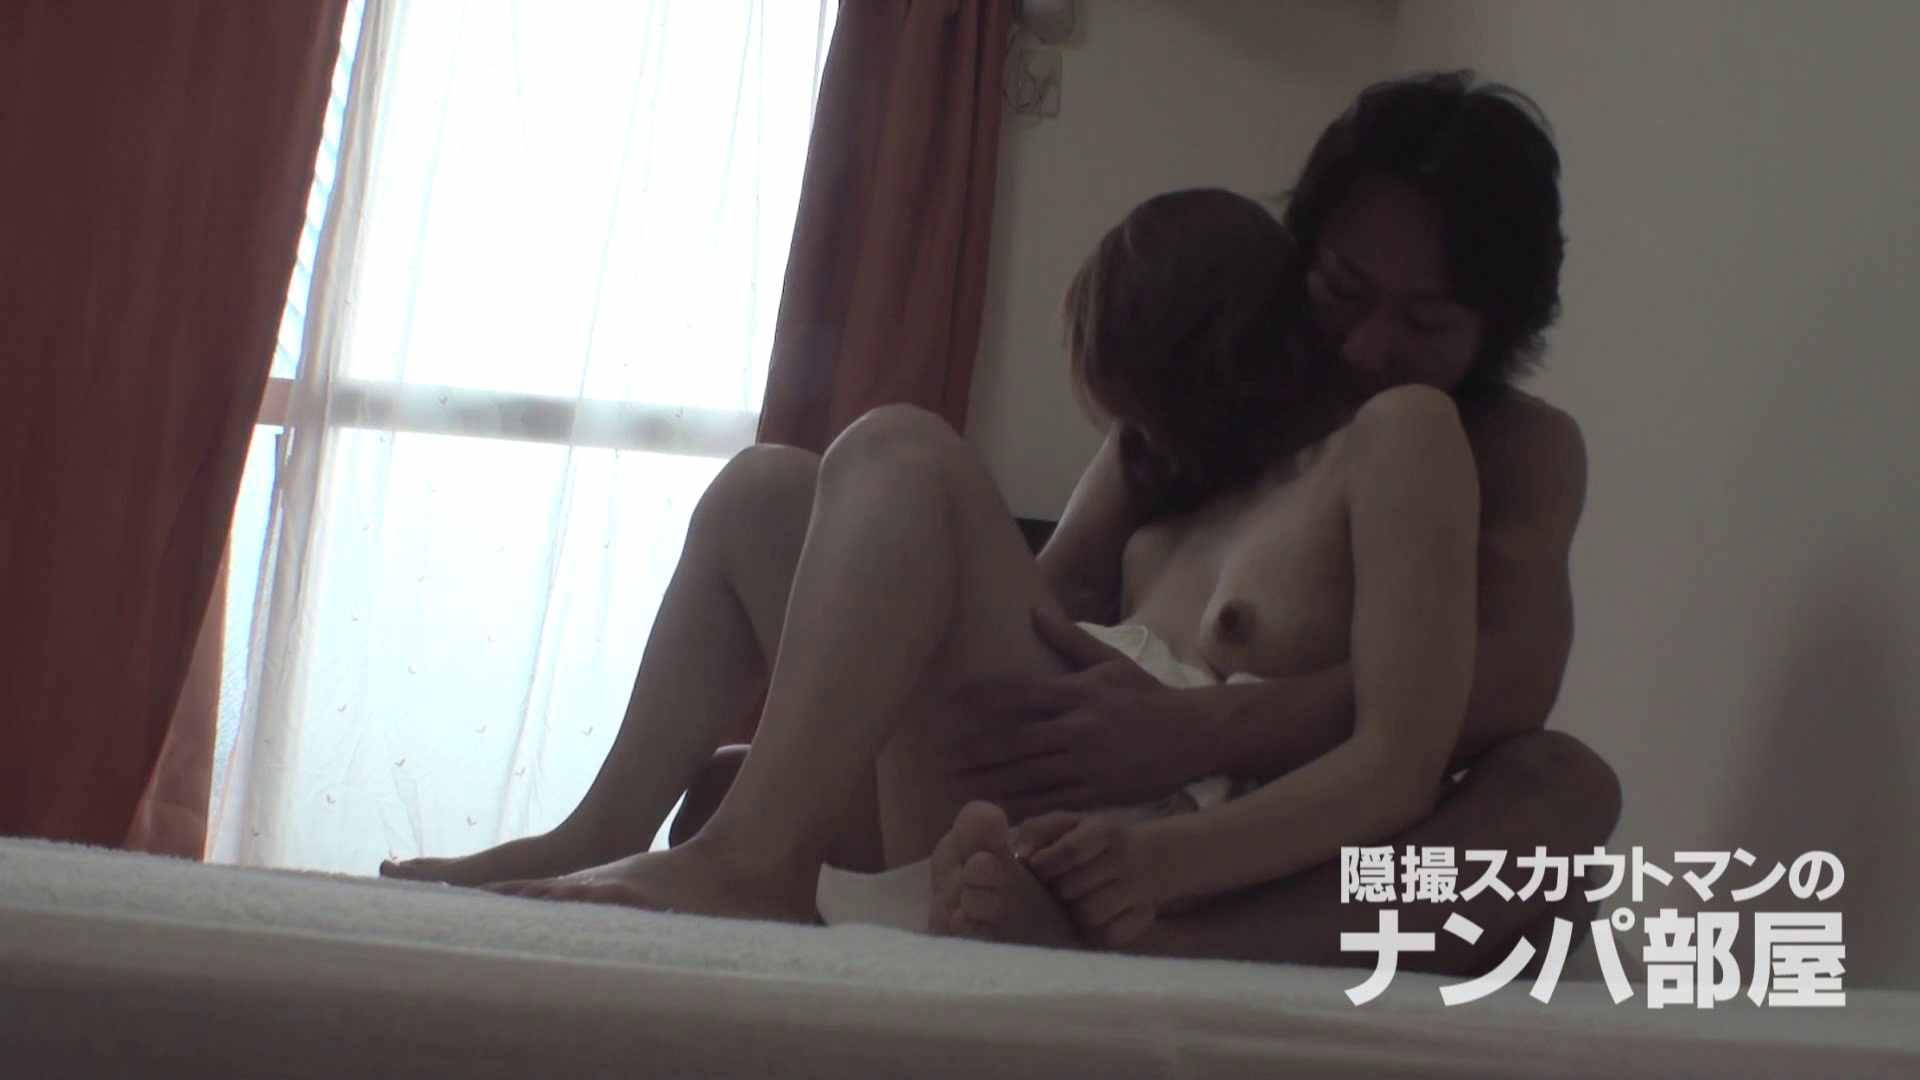 隠撮スカウトマンのナンパ部屋~風俗デビュー前のつまみ食い~ sii 隠撮 SEX無修正画像 100連発 74